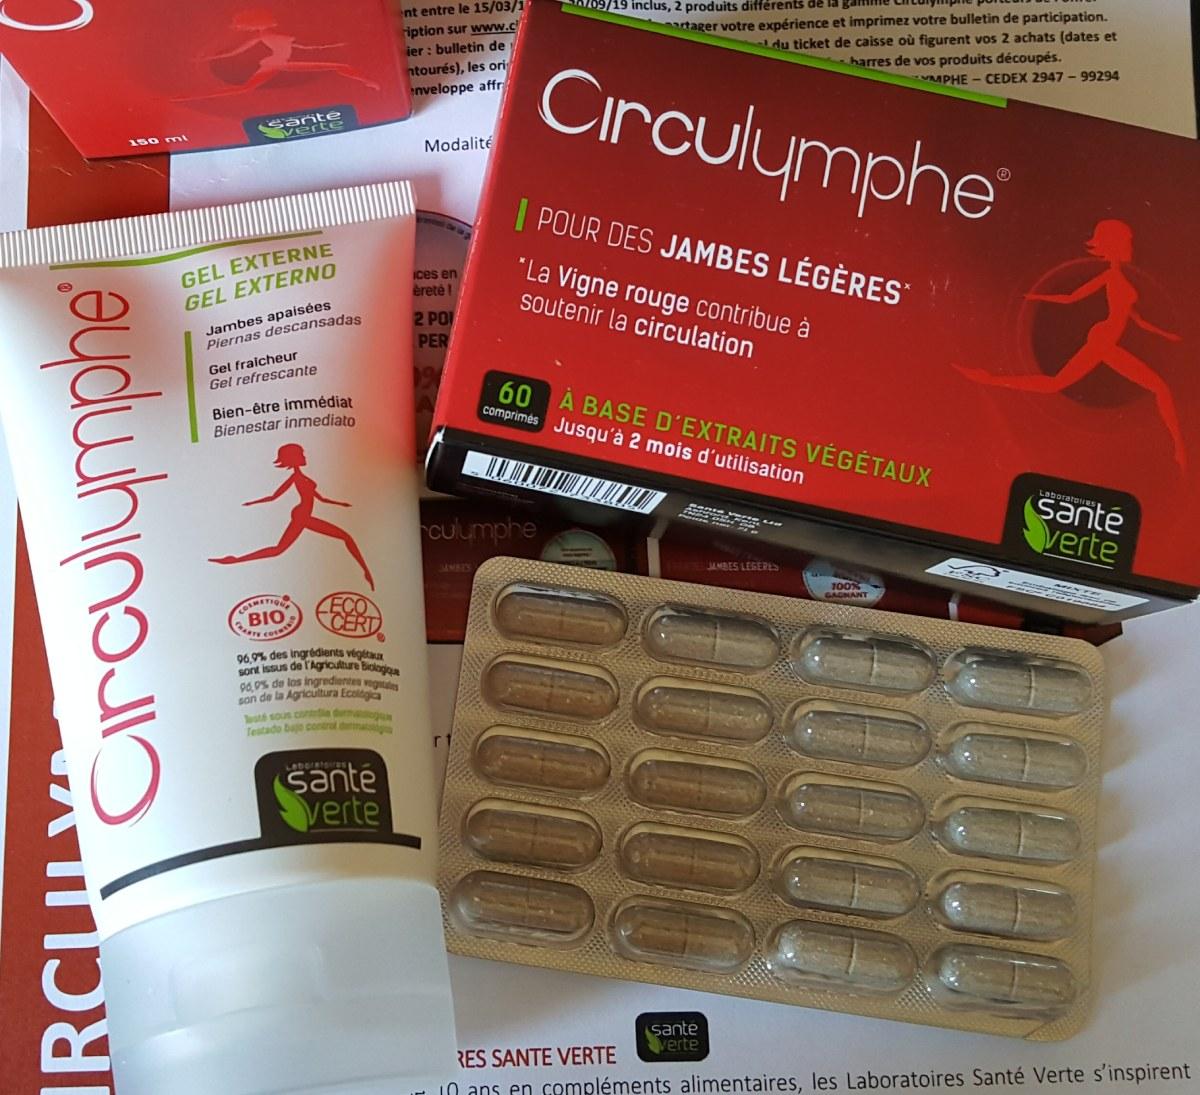 Le bien-être et la légèreté naturelle des jambes avec Circulymphe